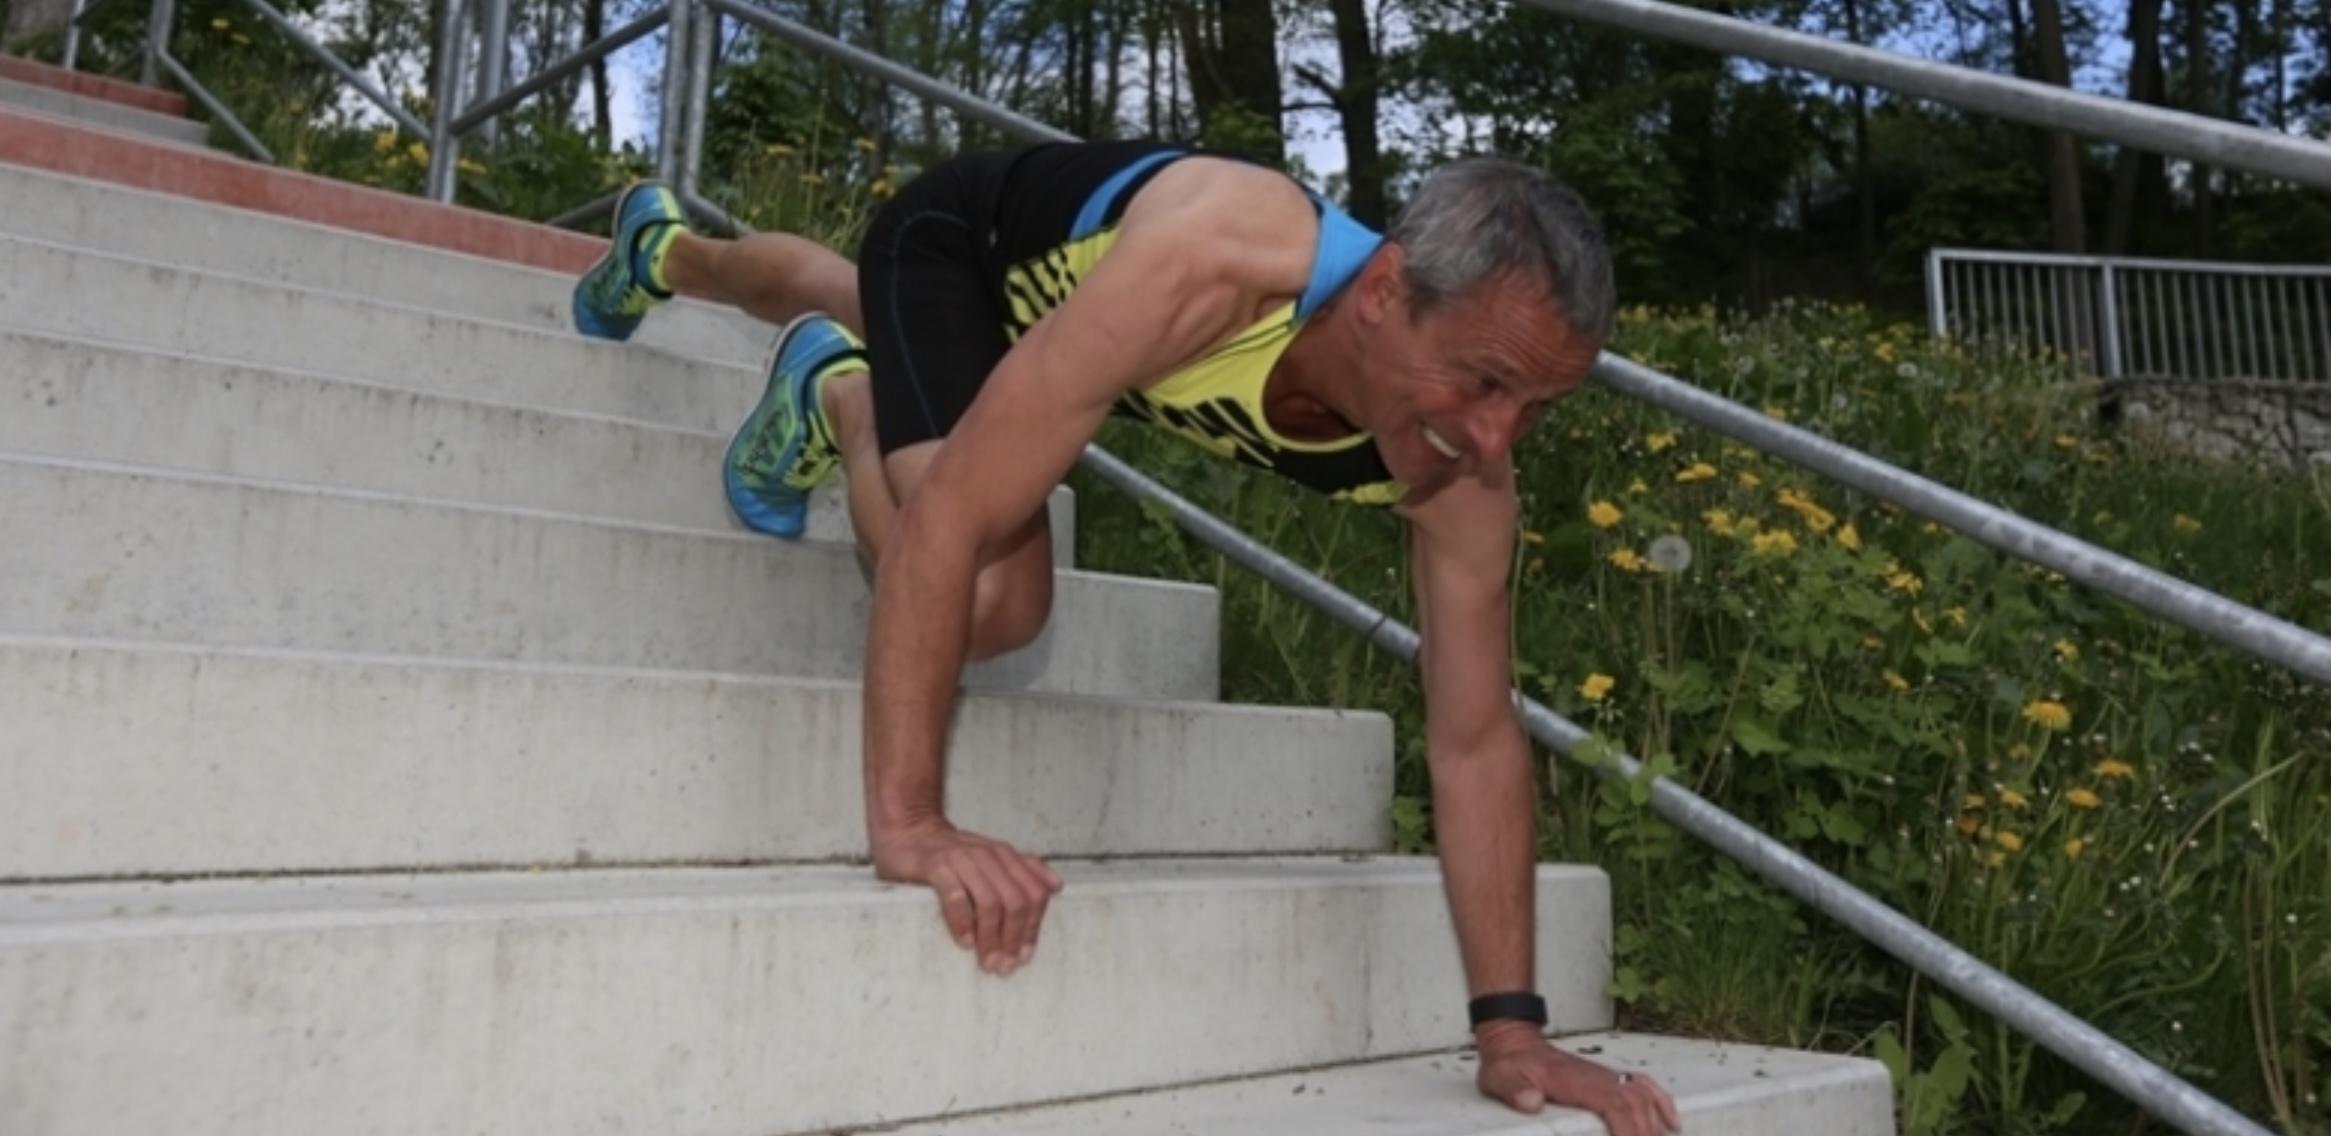 Schází ti kopce, běhej a cvič na schodech - opice